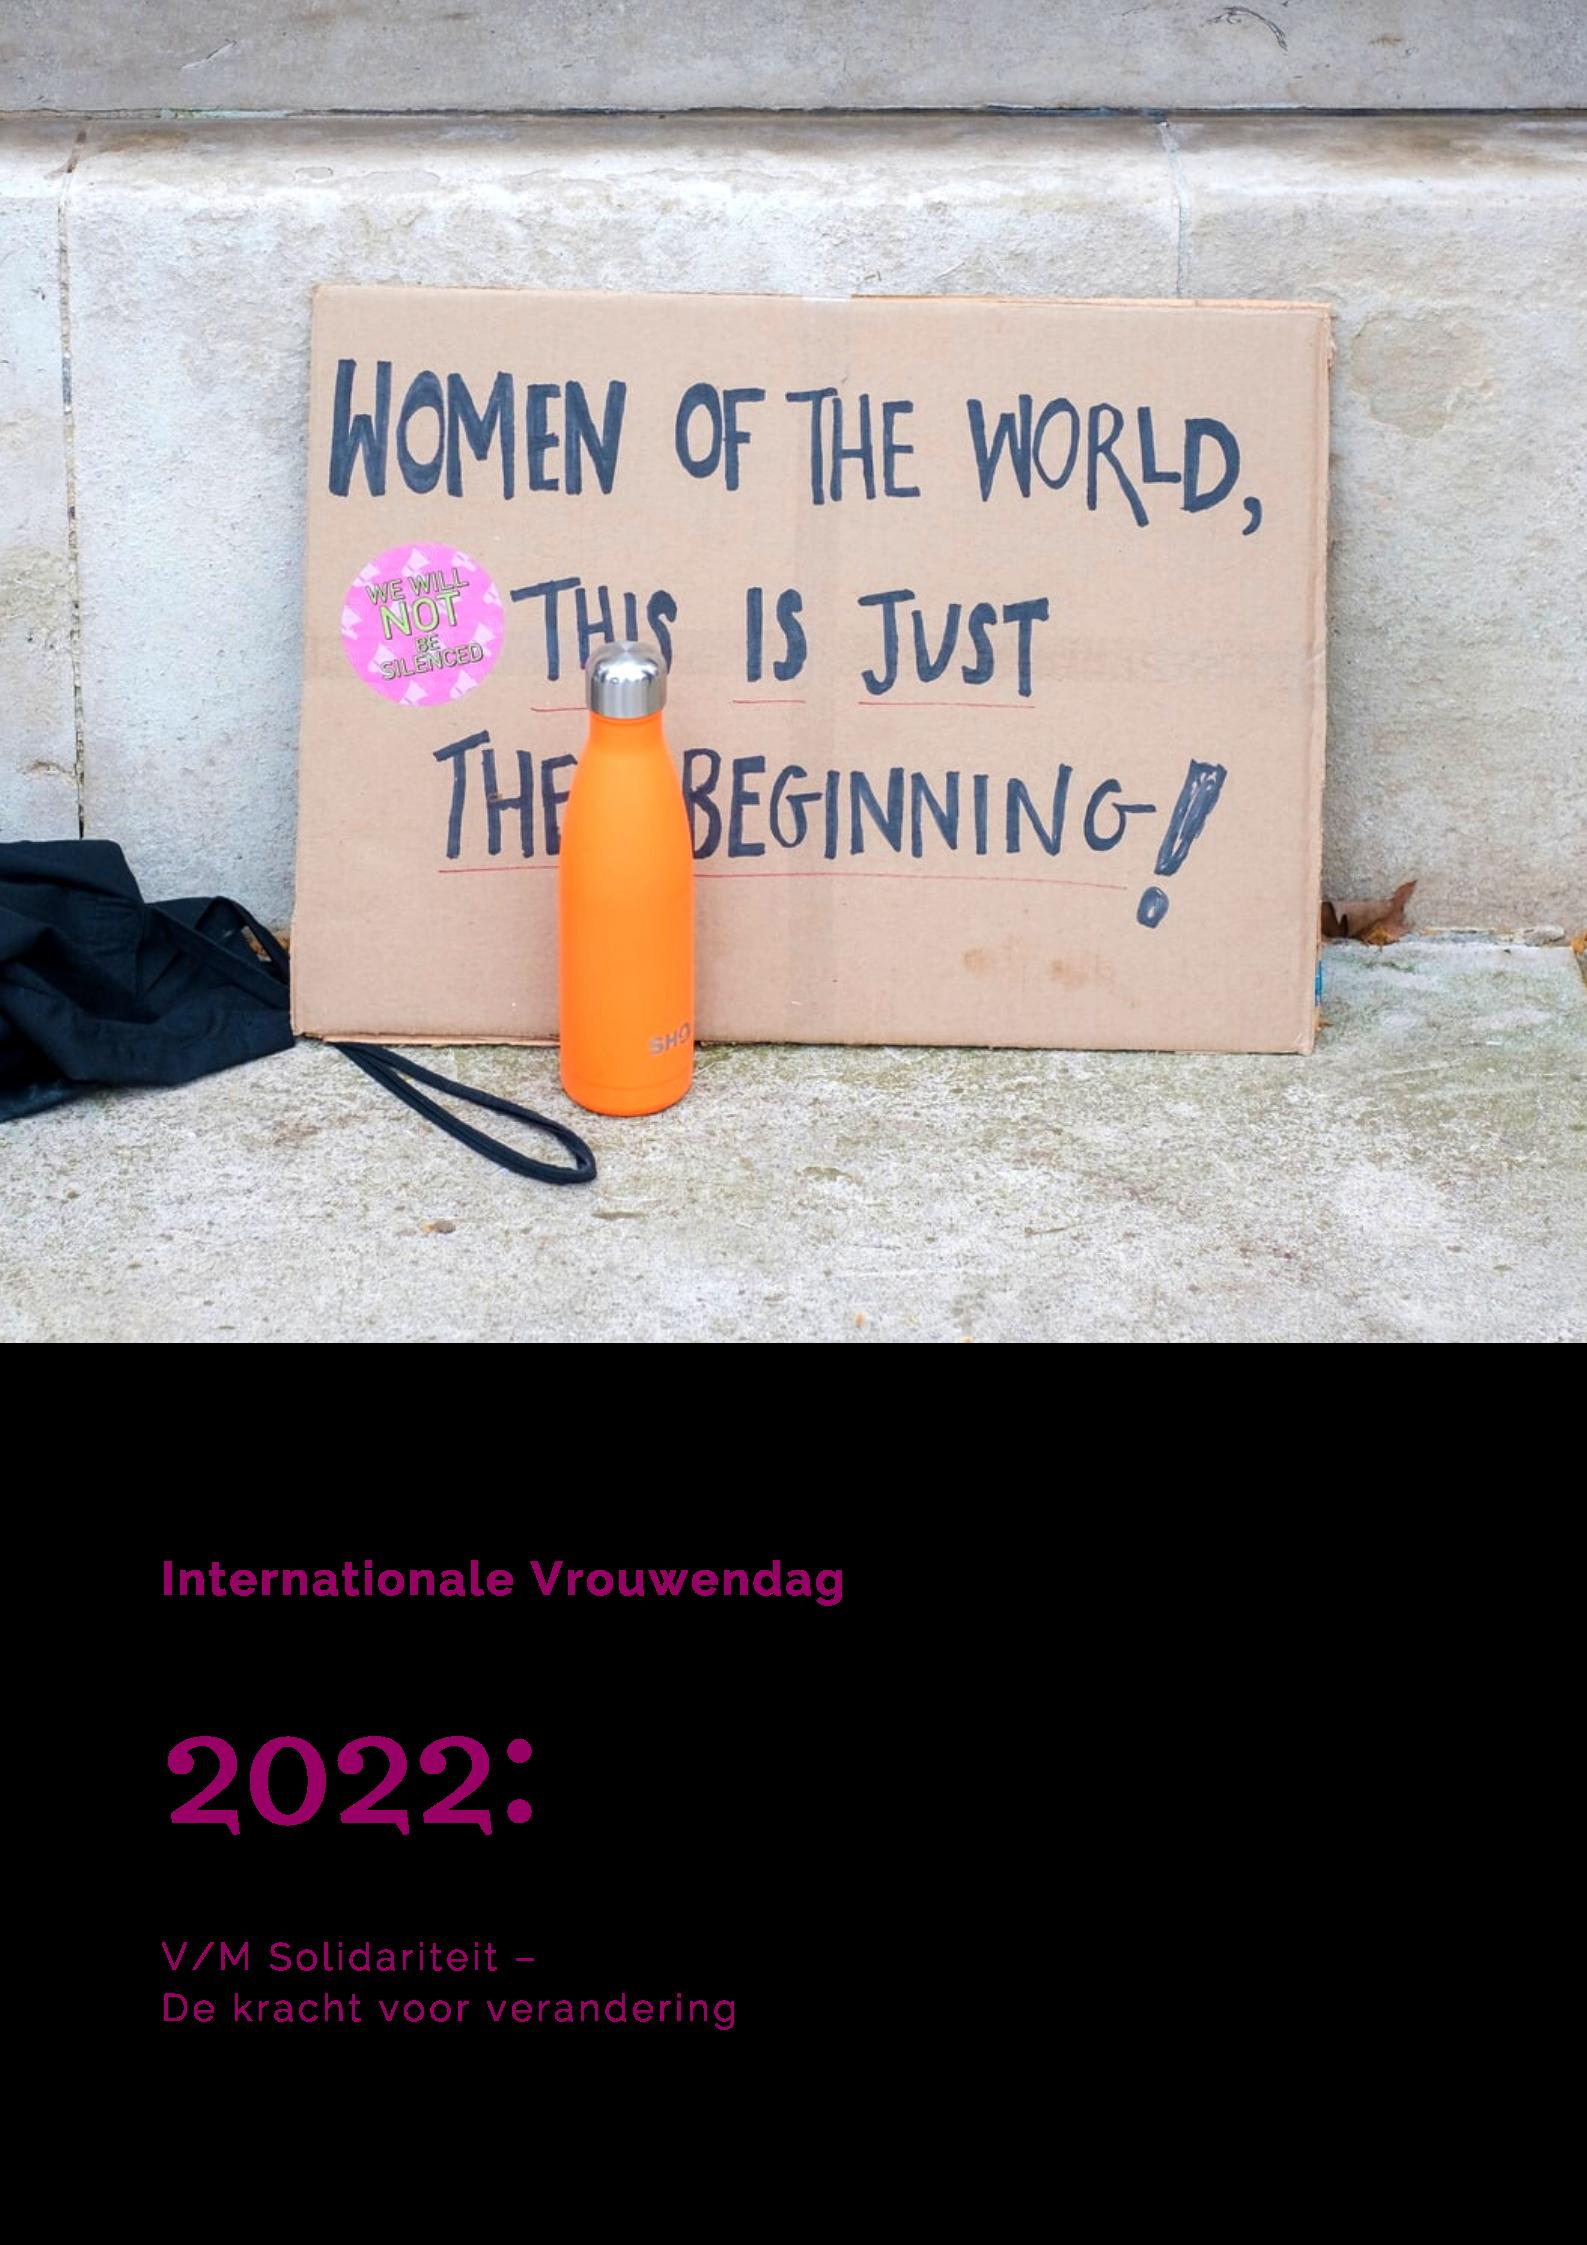 VM Solidariteit – De kracht voor verandering